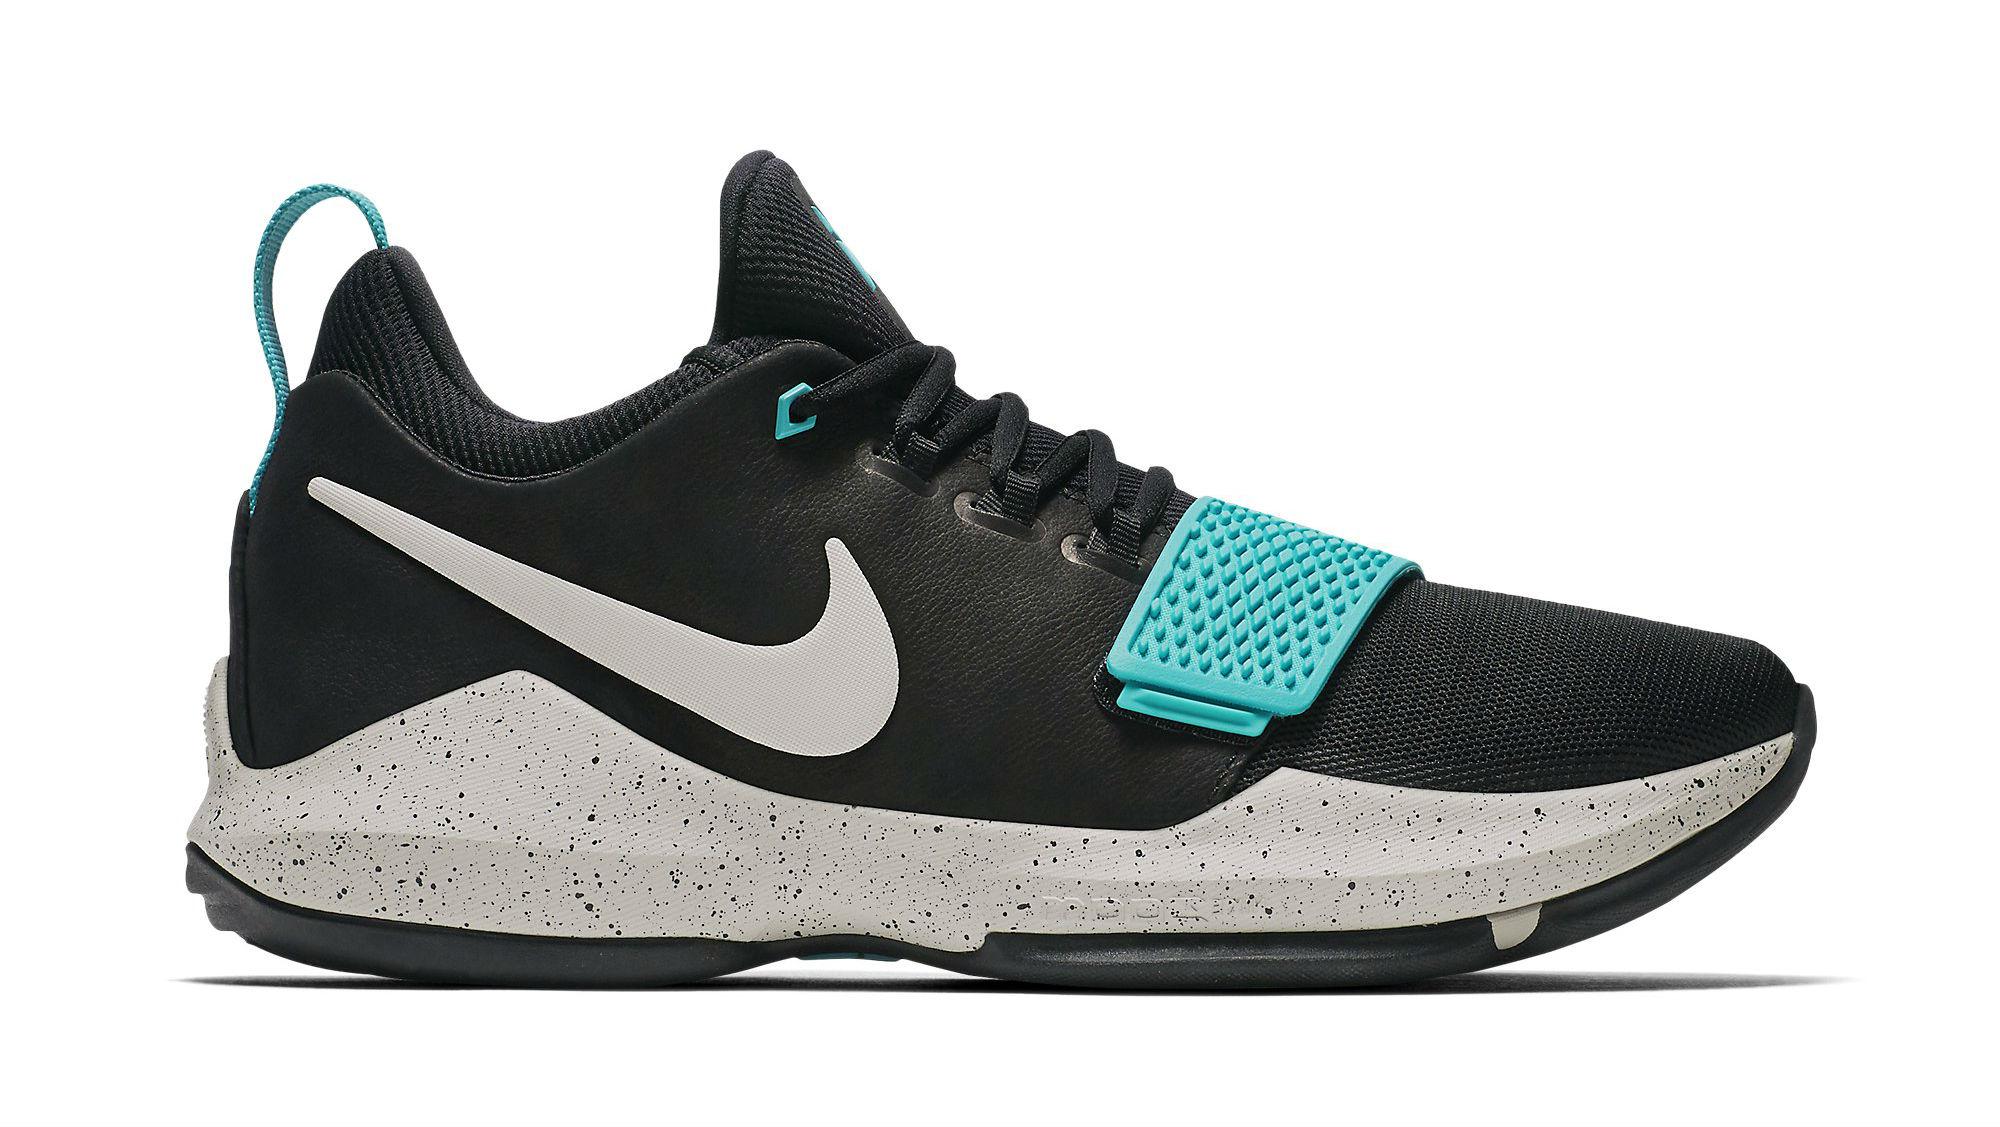 Nike PG 1 Black/Light Bone-Light Aqua